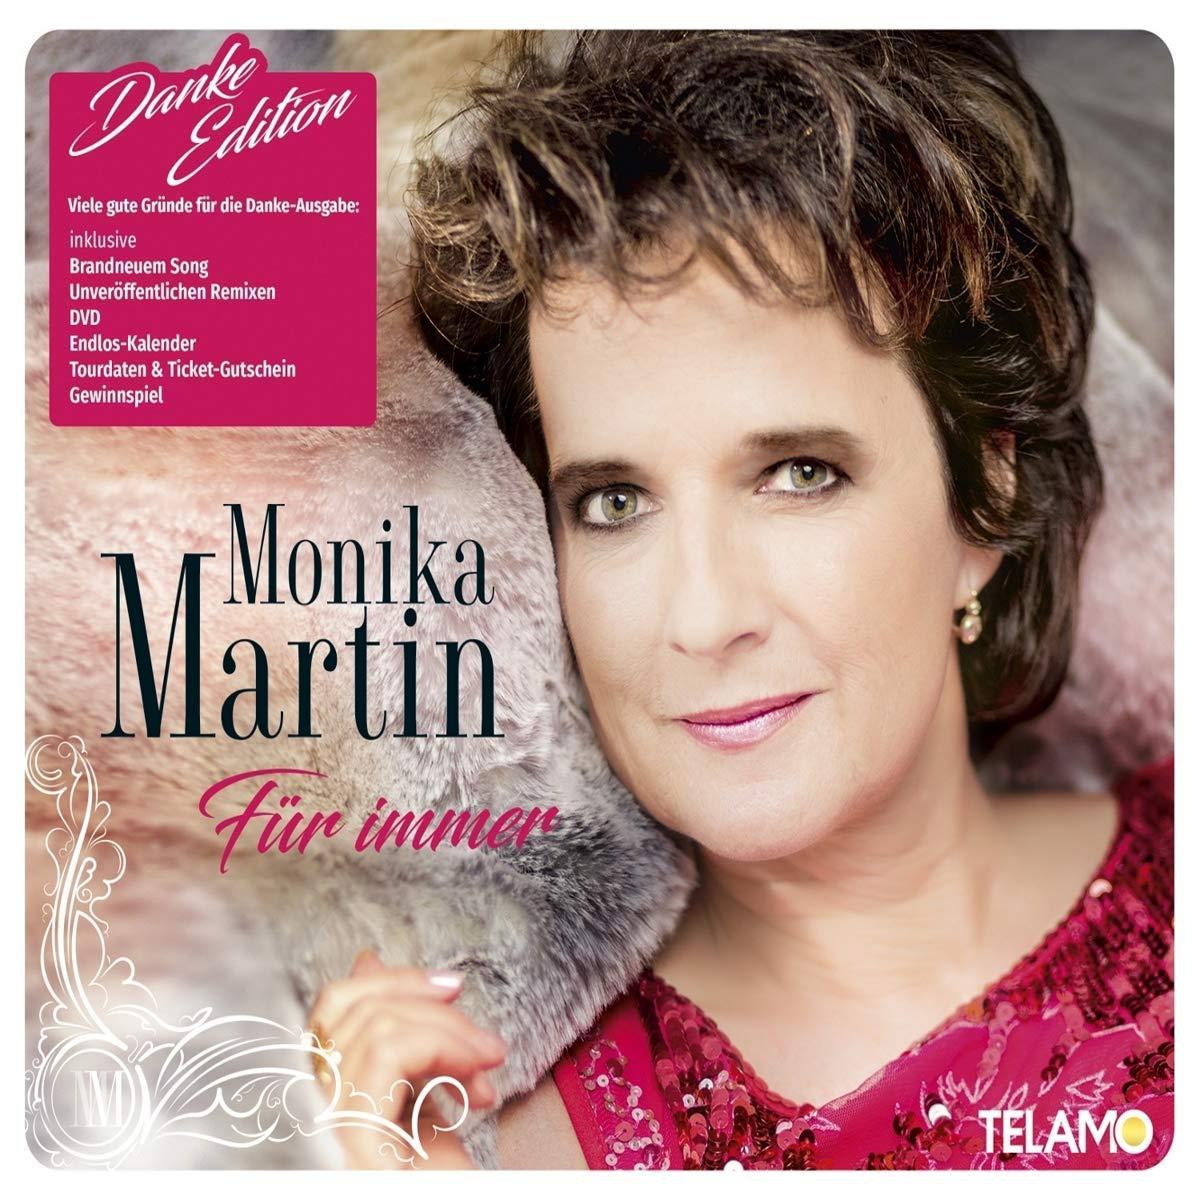 MONIKA MARTIN * Für immer (Danke Edition)